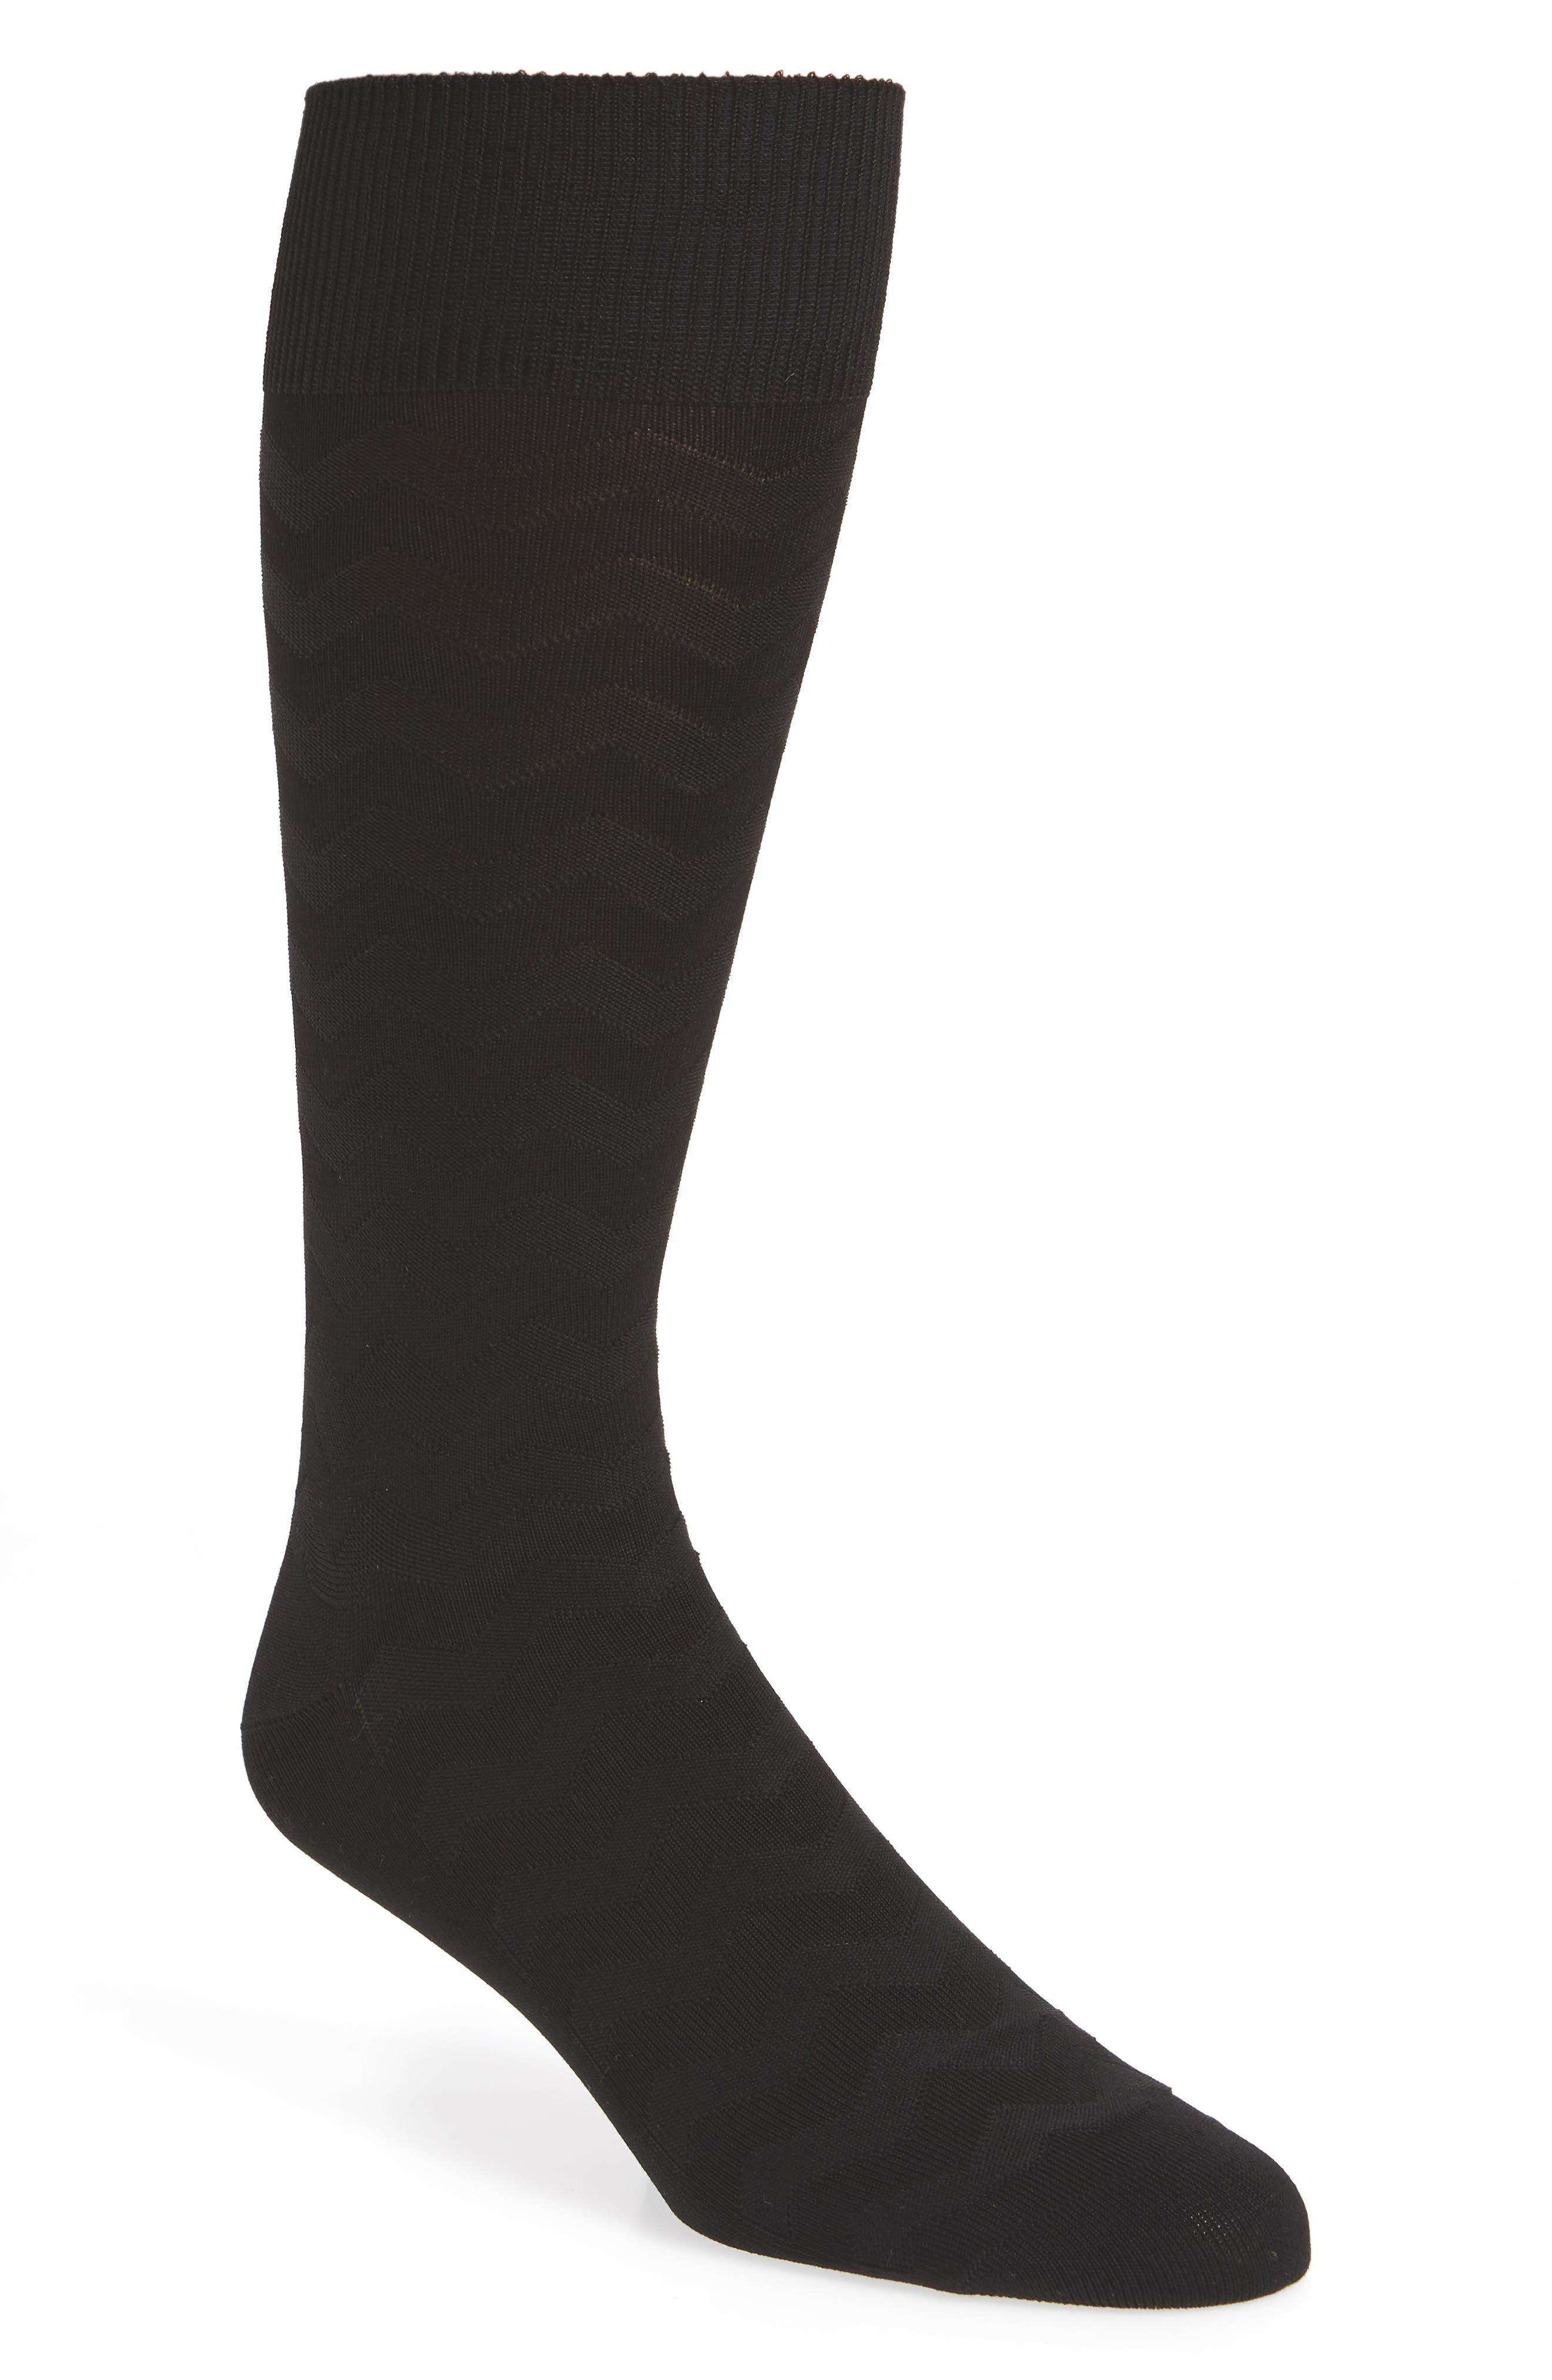 Zigzag Socks,                         Main,                         color, Black